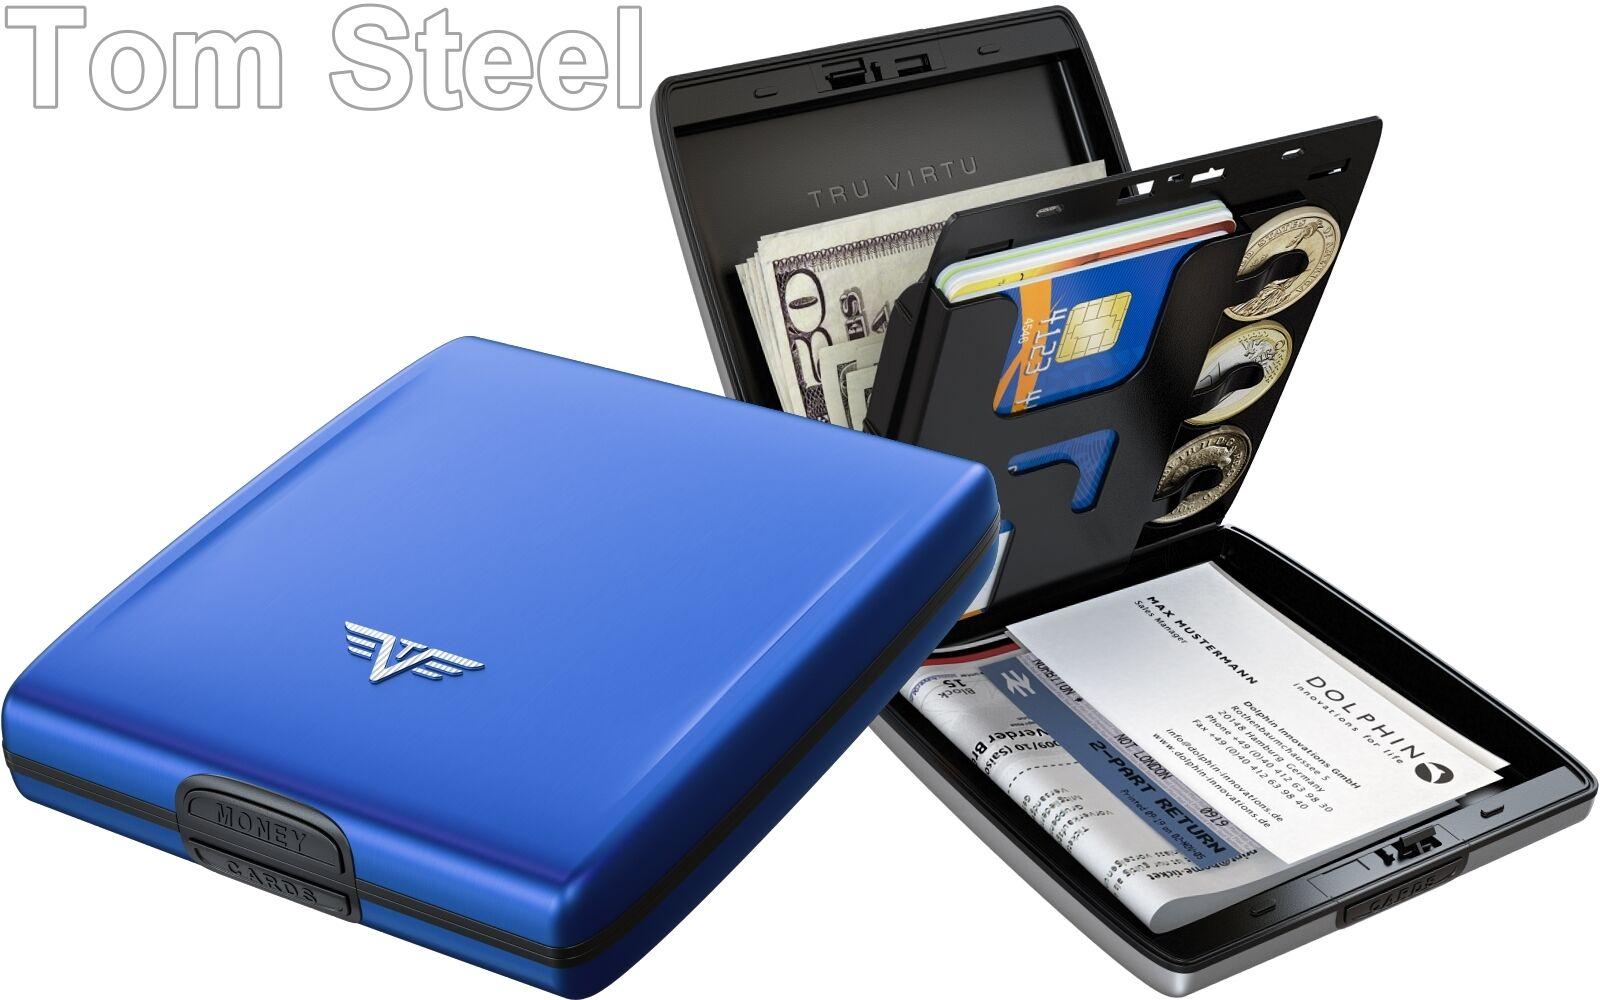 TRU VIRTU Aluminium Portemonnaie Portemonnaie Portemonnaie - Geldbeutel RFID Geldbörse Etui Geldtasche NEU   eine breite Palette von Produkten  c831d2